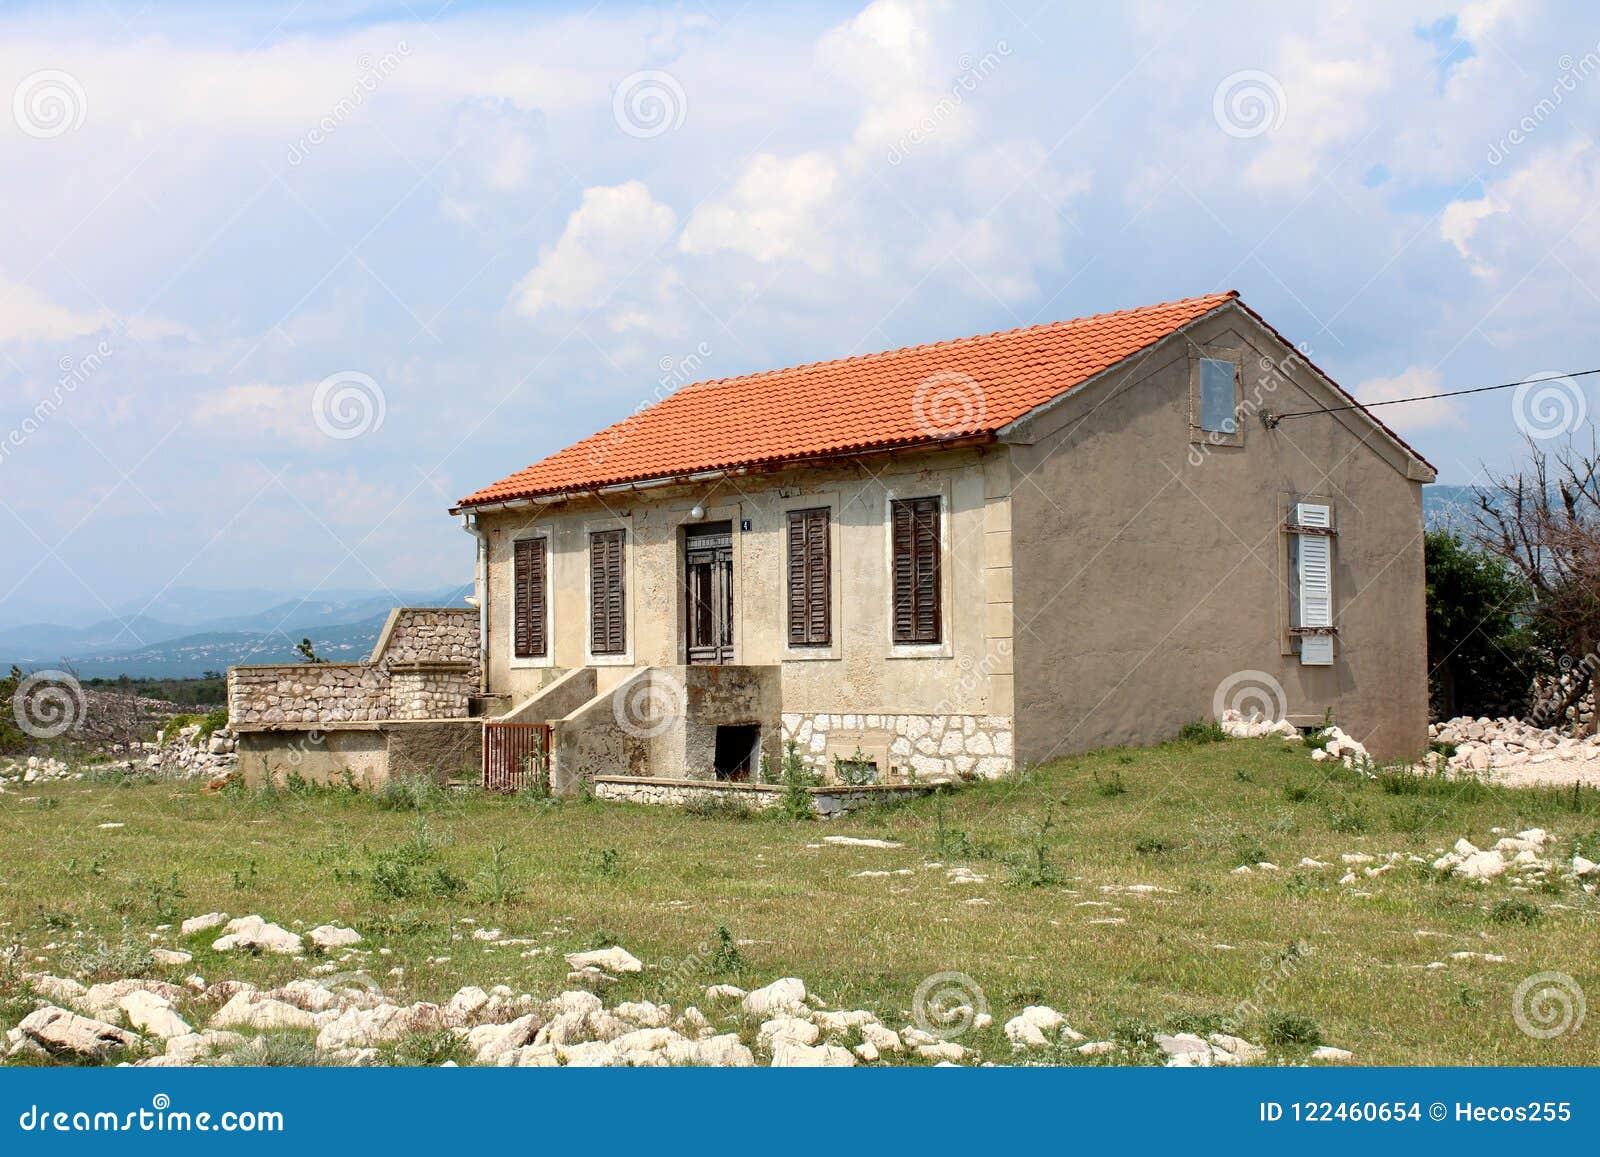 Case Di Pietra E Legno : Casa di pietra abbandonata con i ciechi e la porta di legno rotti